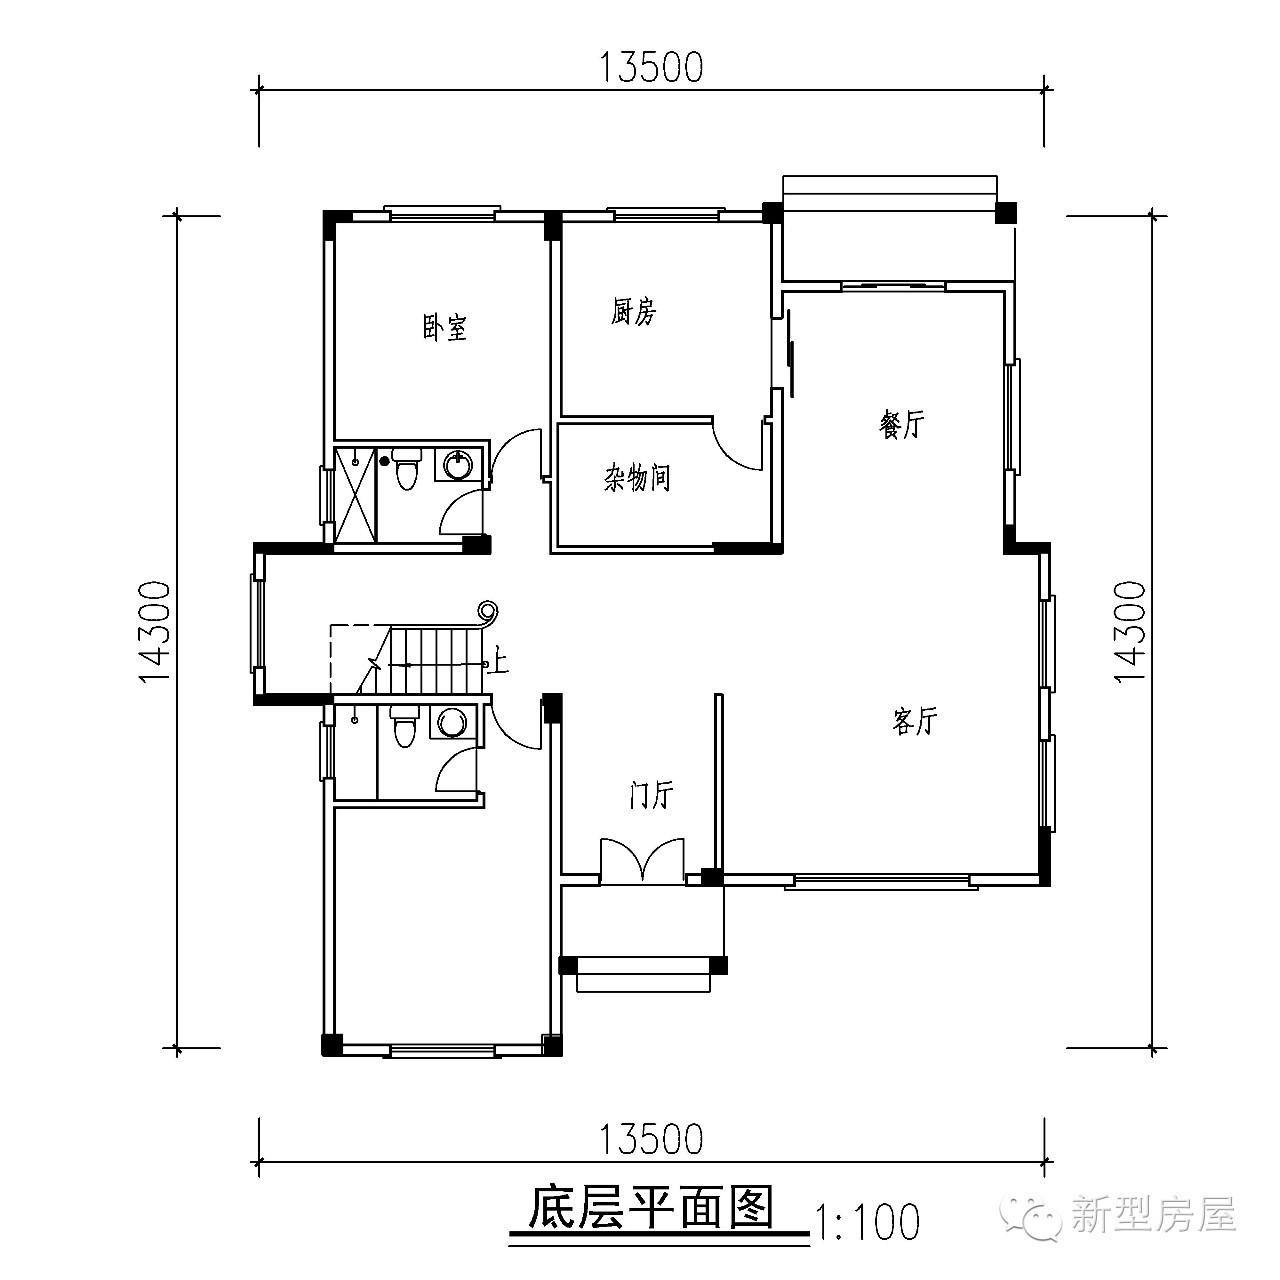 5x12米房子设计图纸